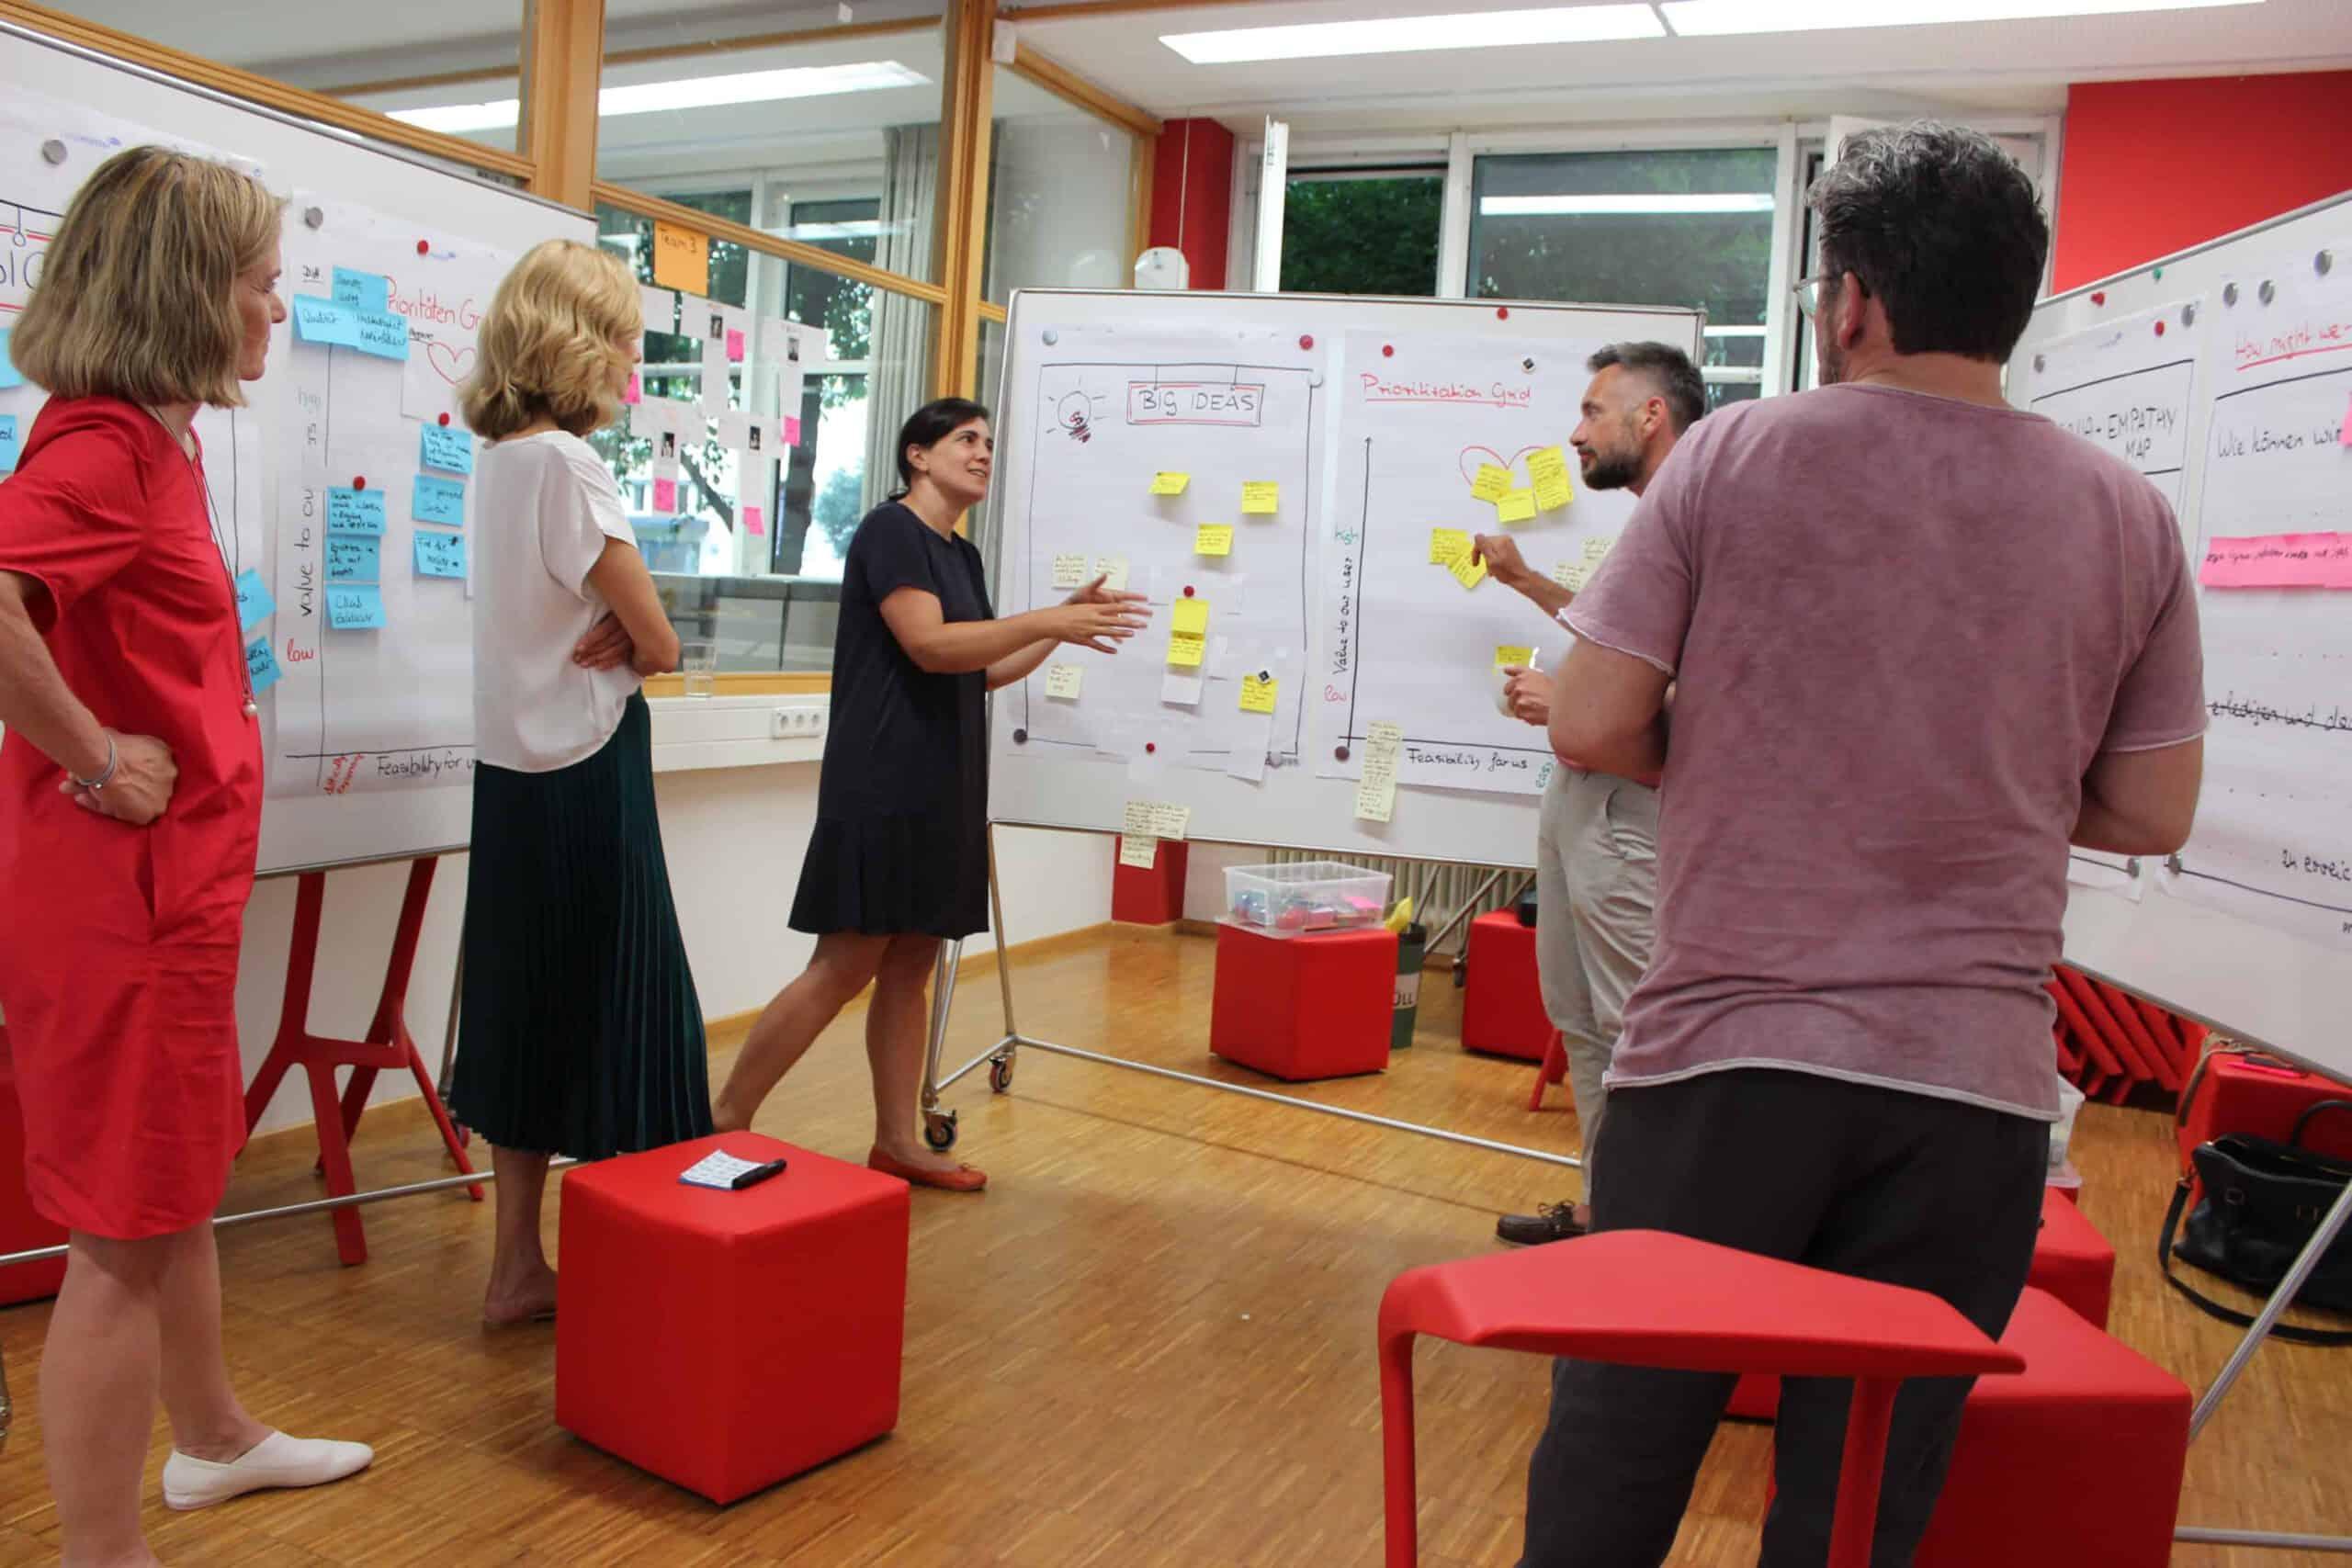 fuenf Design Thinking Workshopteilnehmer diskutieren